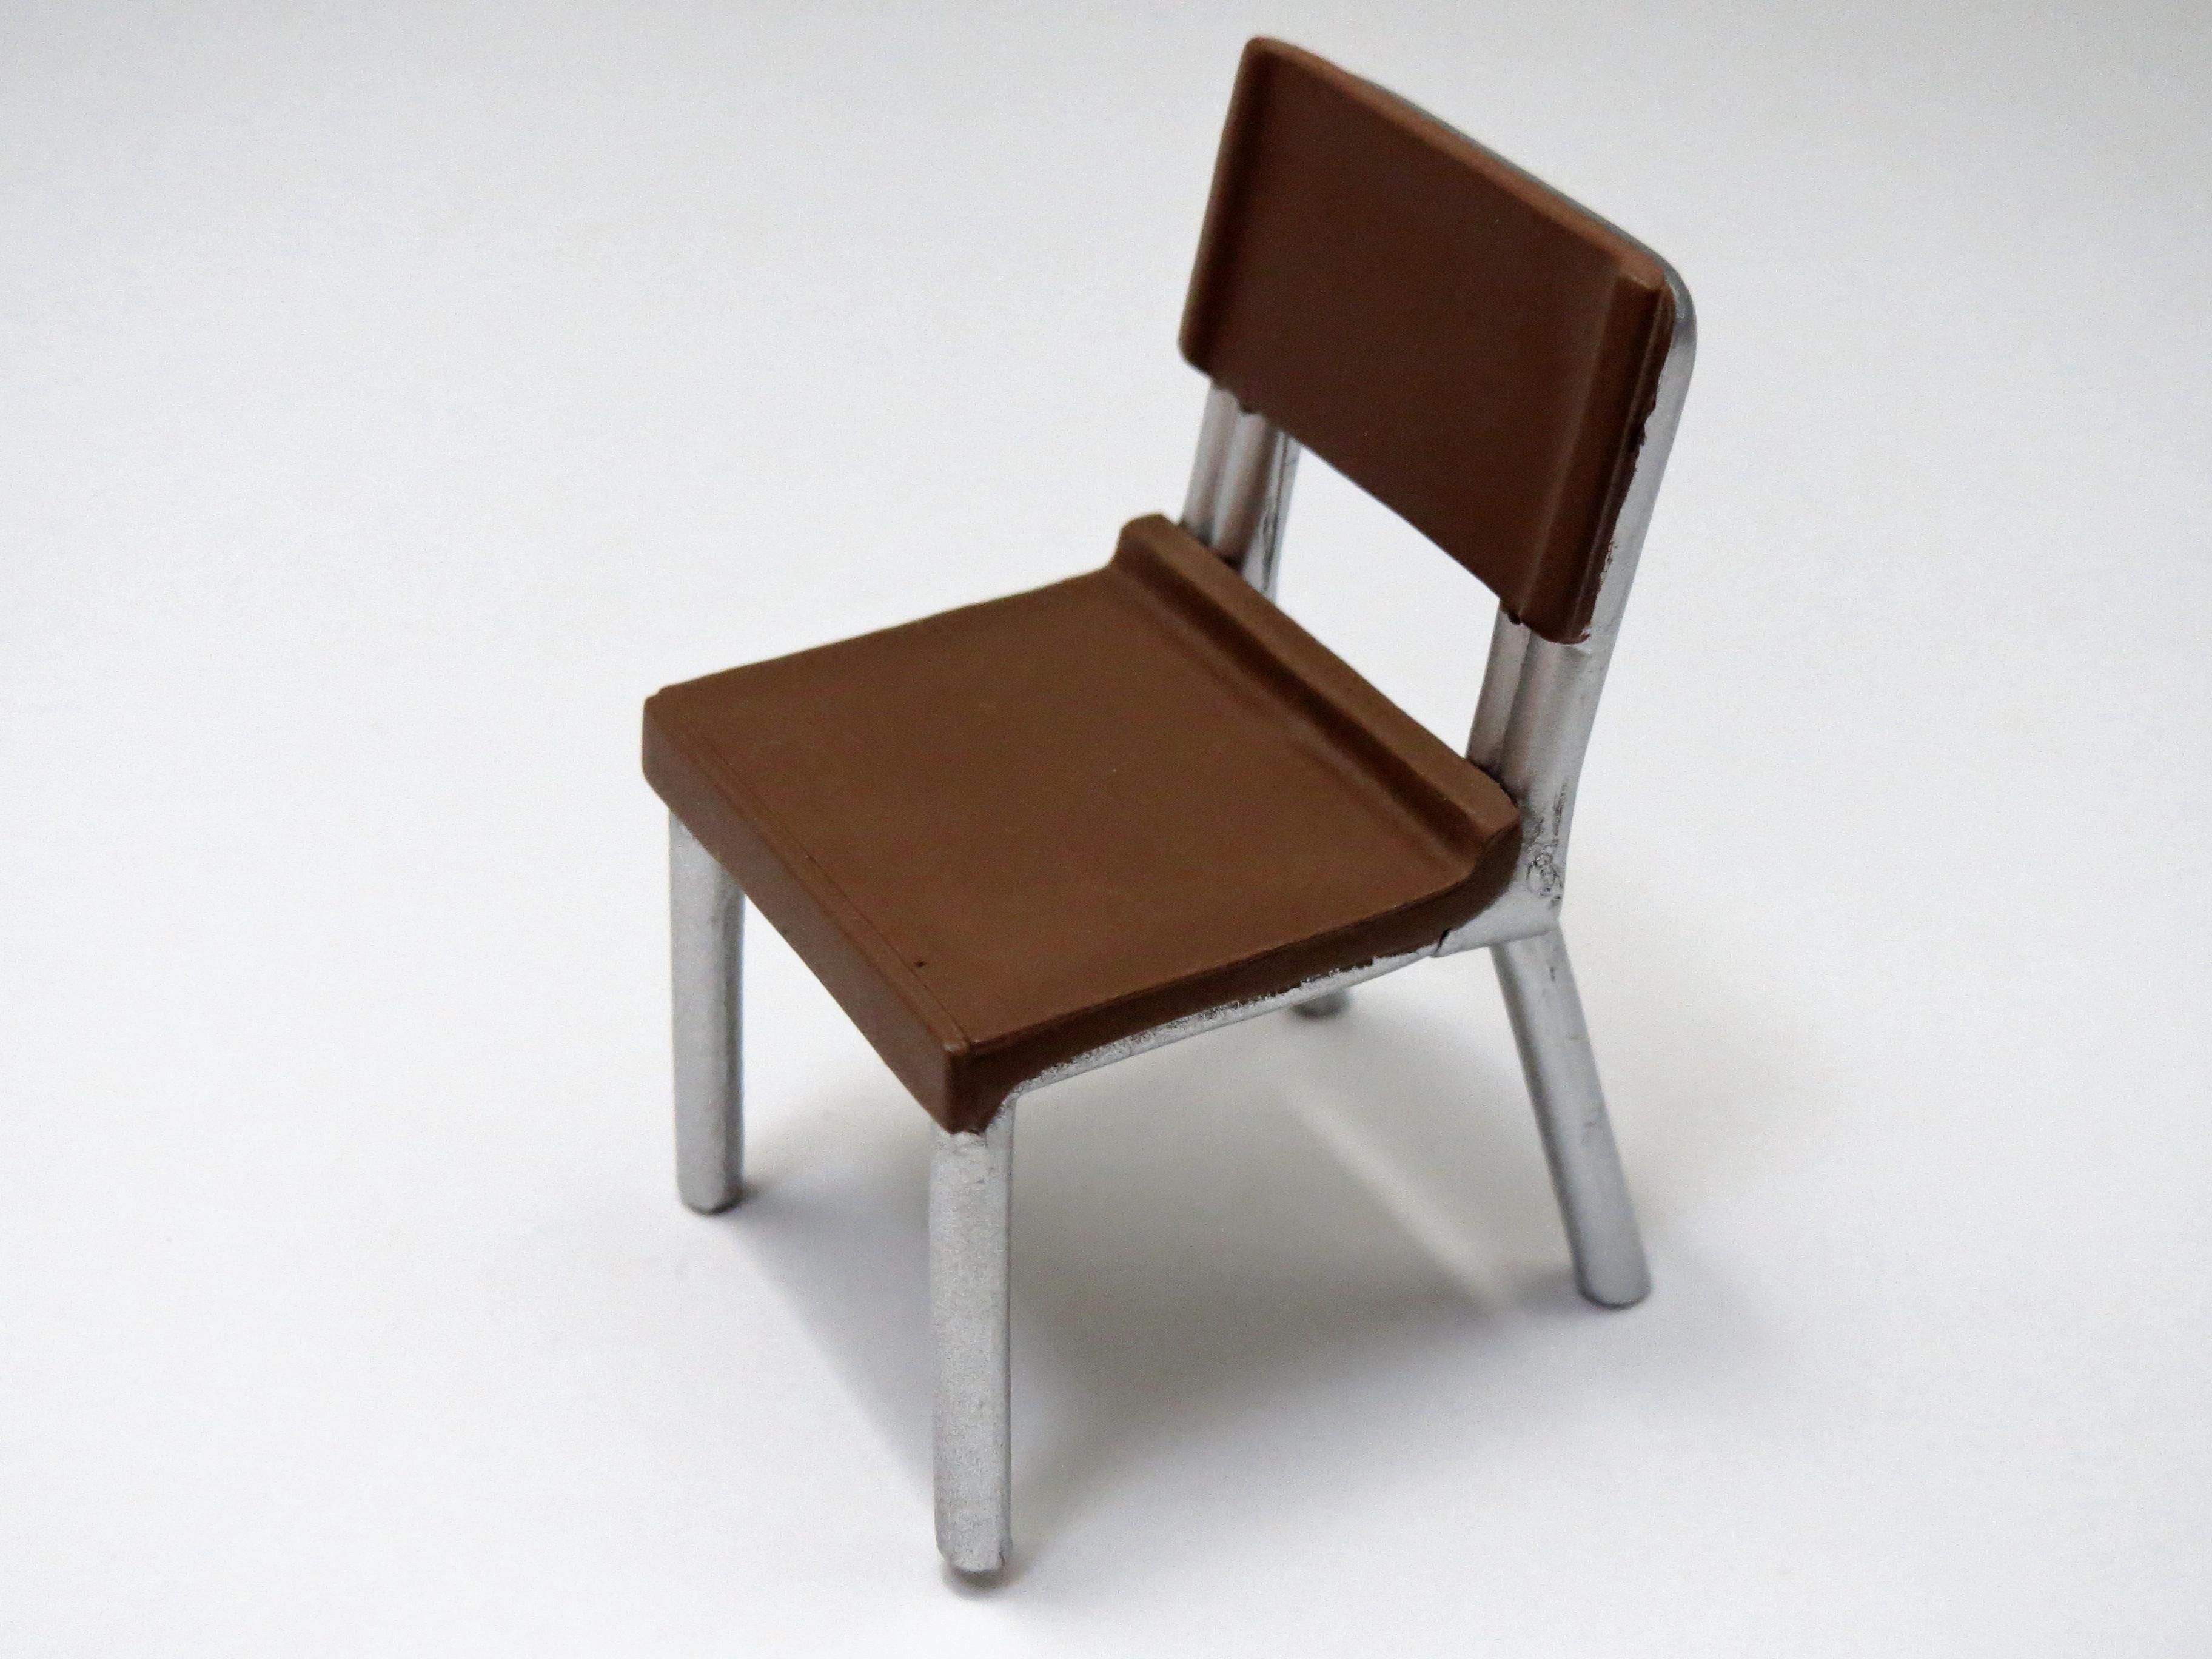 【028】 柊かがみ 小物パーツ 椅子 ねんどろいど